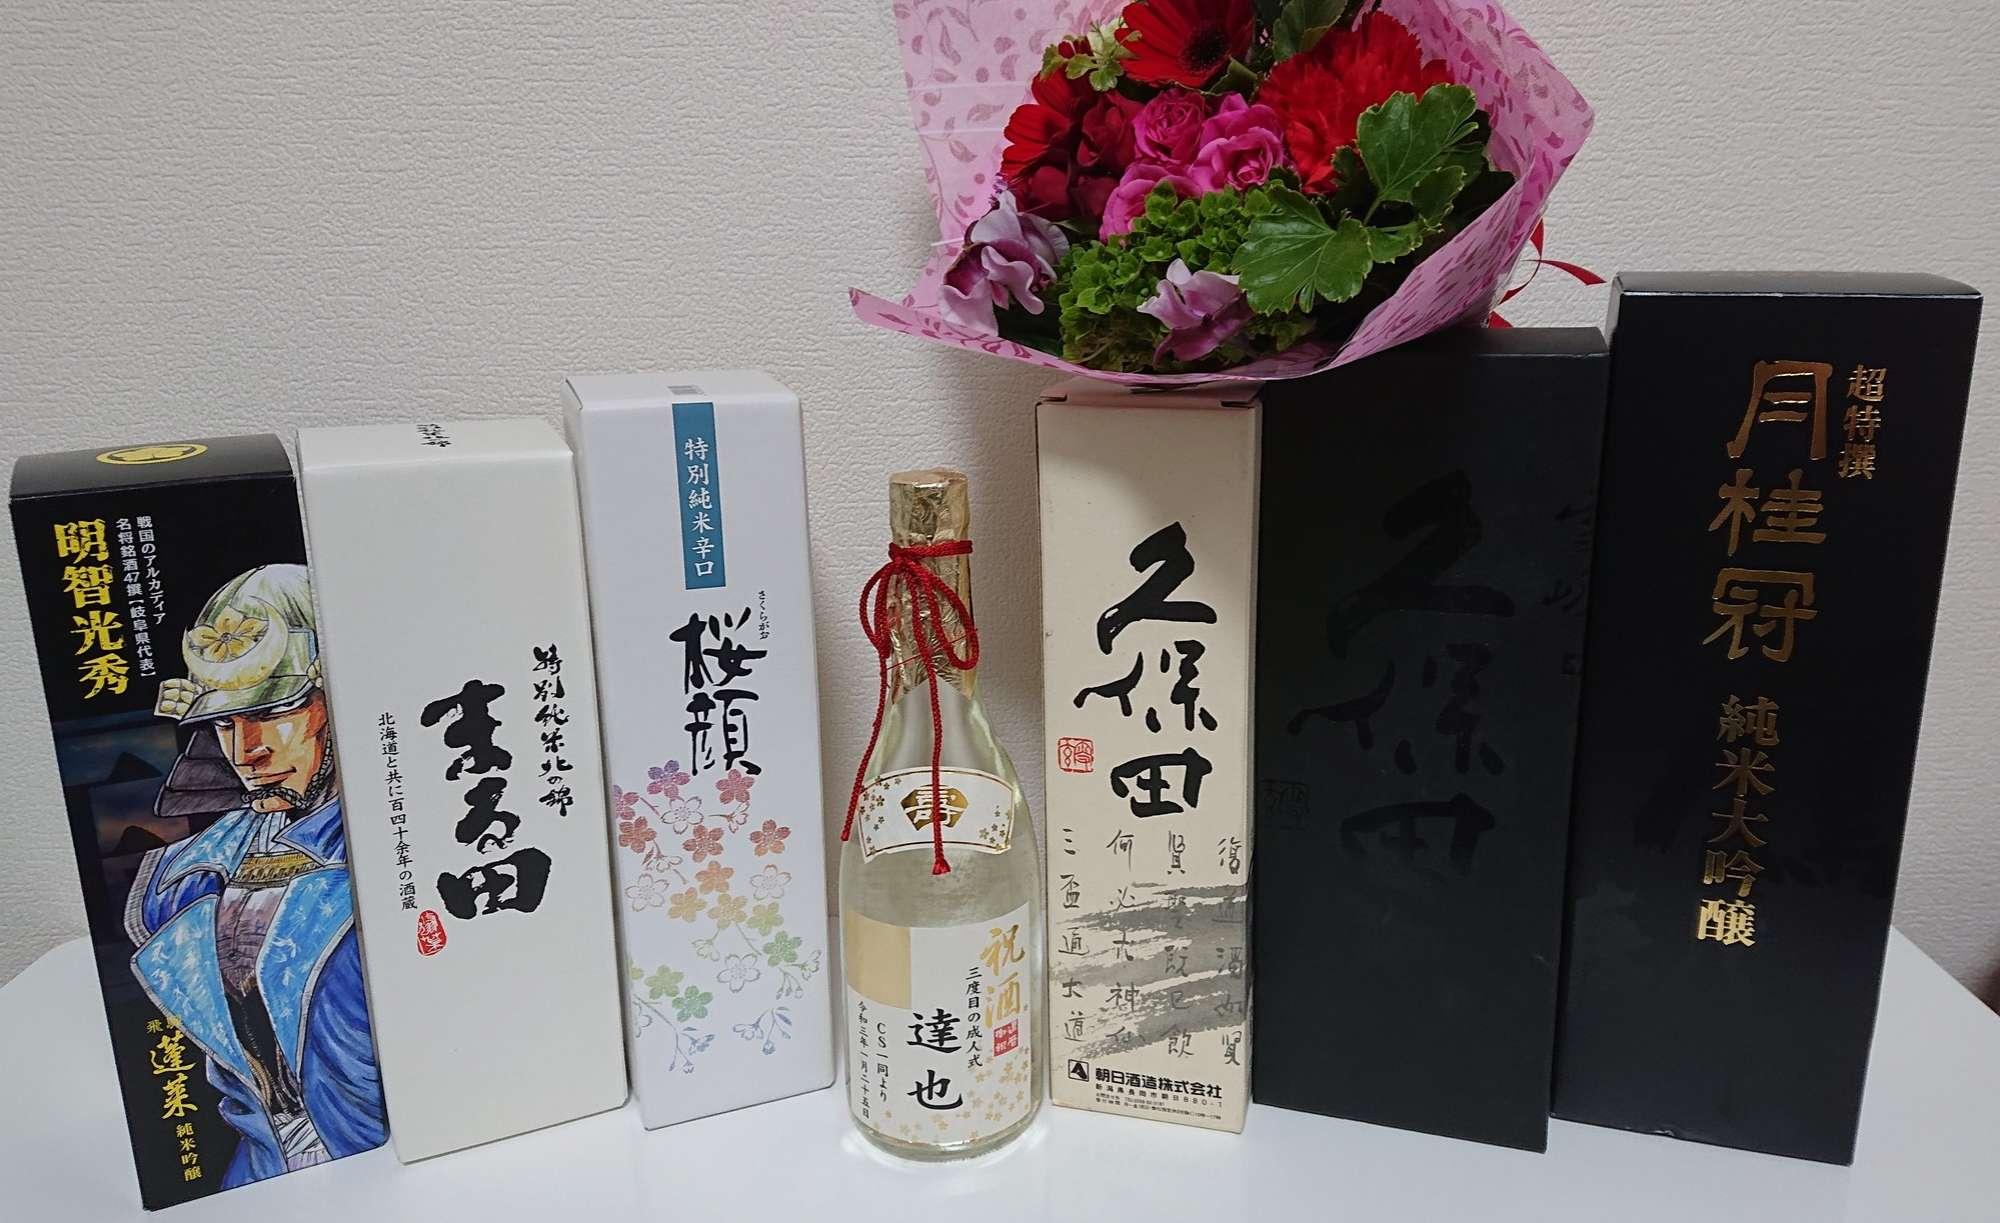 - お酒好きな私は、ワインや日本酒・焼酎・ウイスキーいろんな種類をお家に揃えています。今日のアテと気分に合わせたお酒を選ぶときが最高の時間です! -